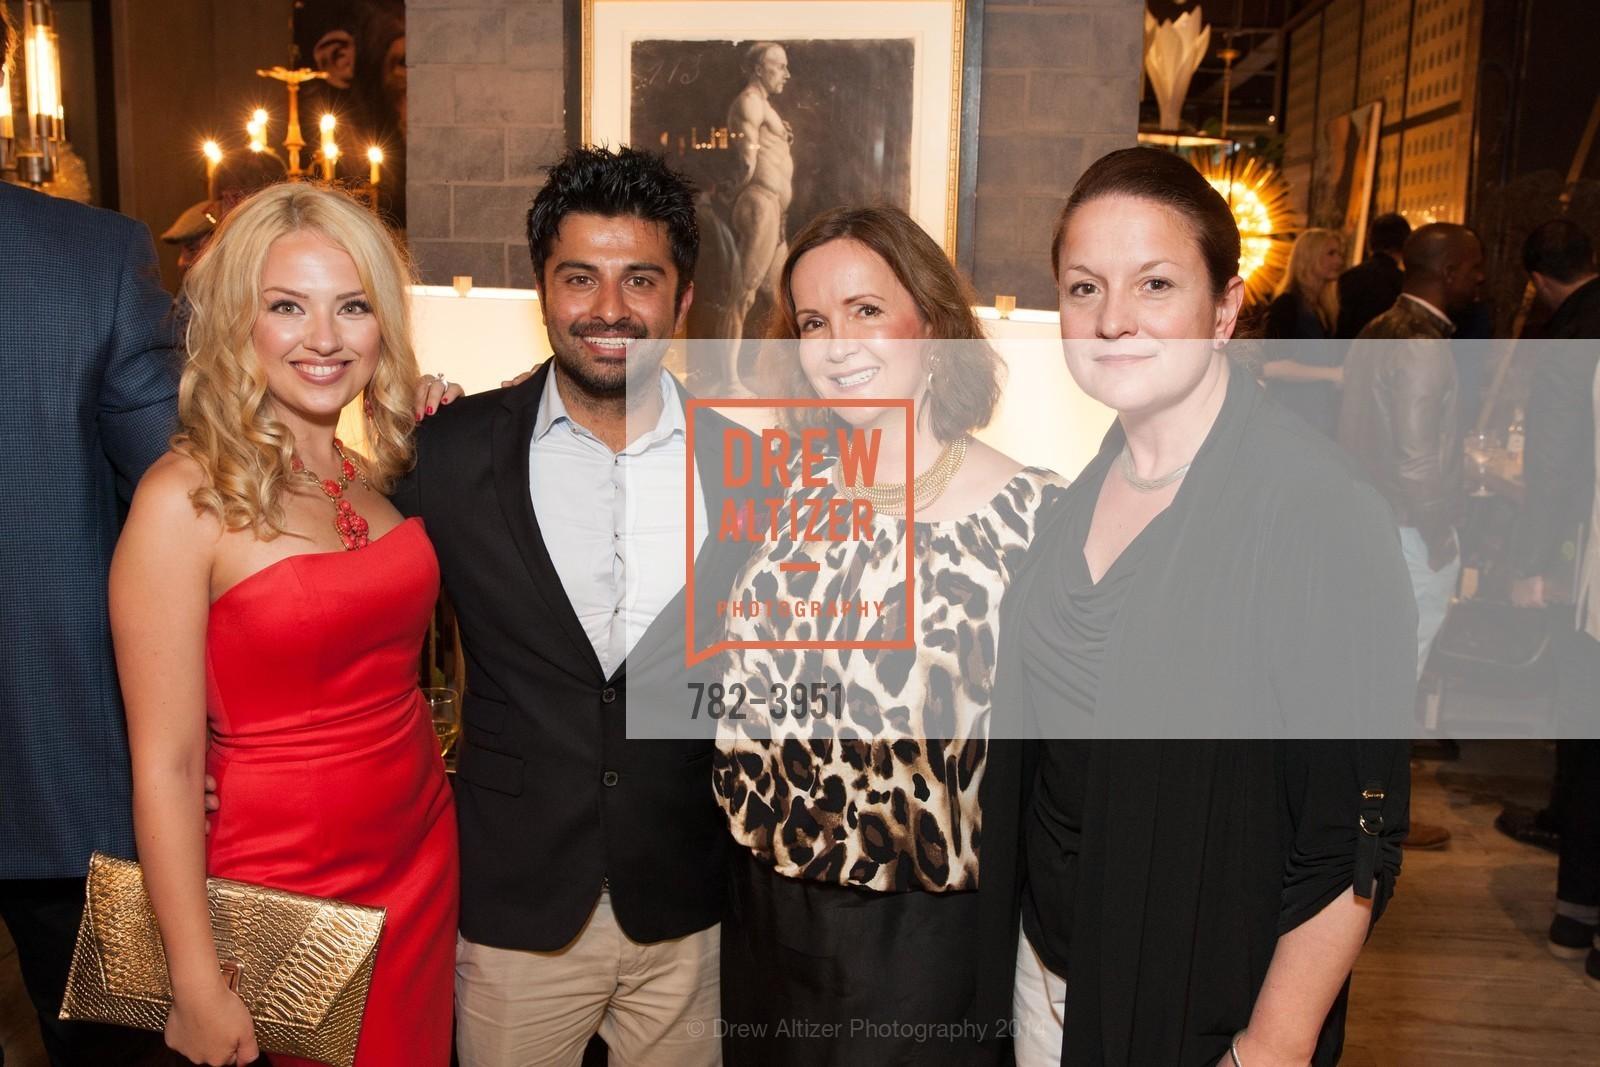 Julia Sirakova, Anthony Davani, Andrea Bryson, Photo #782-3951